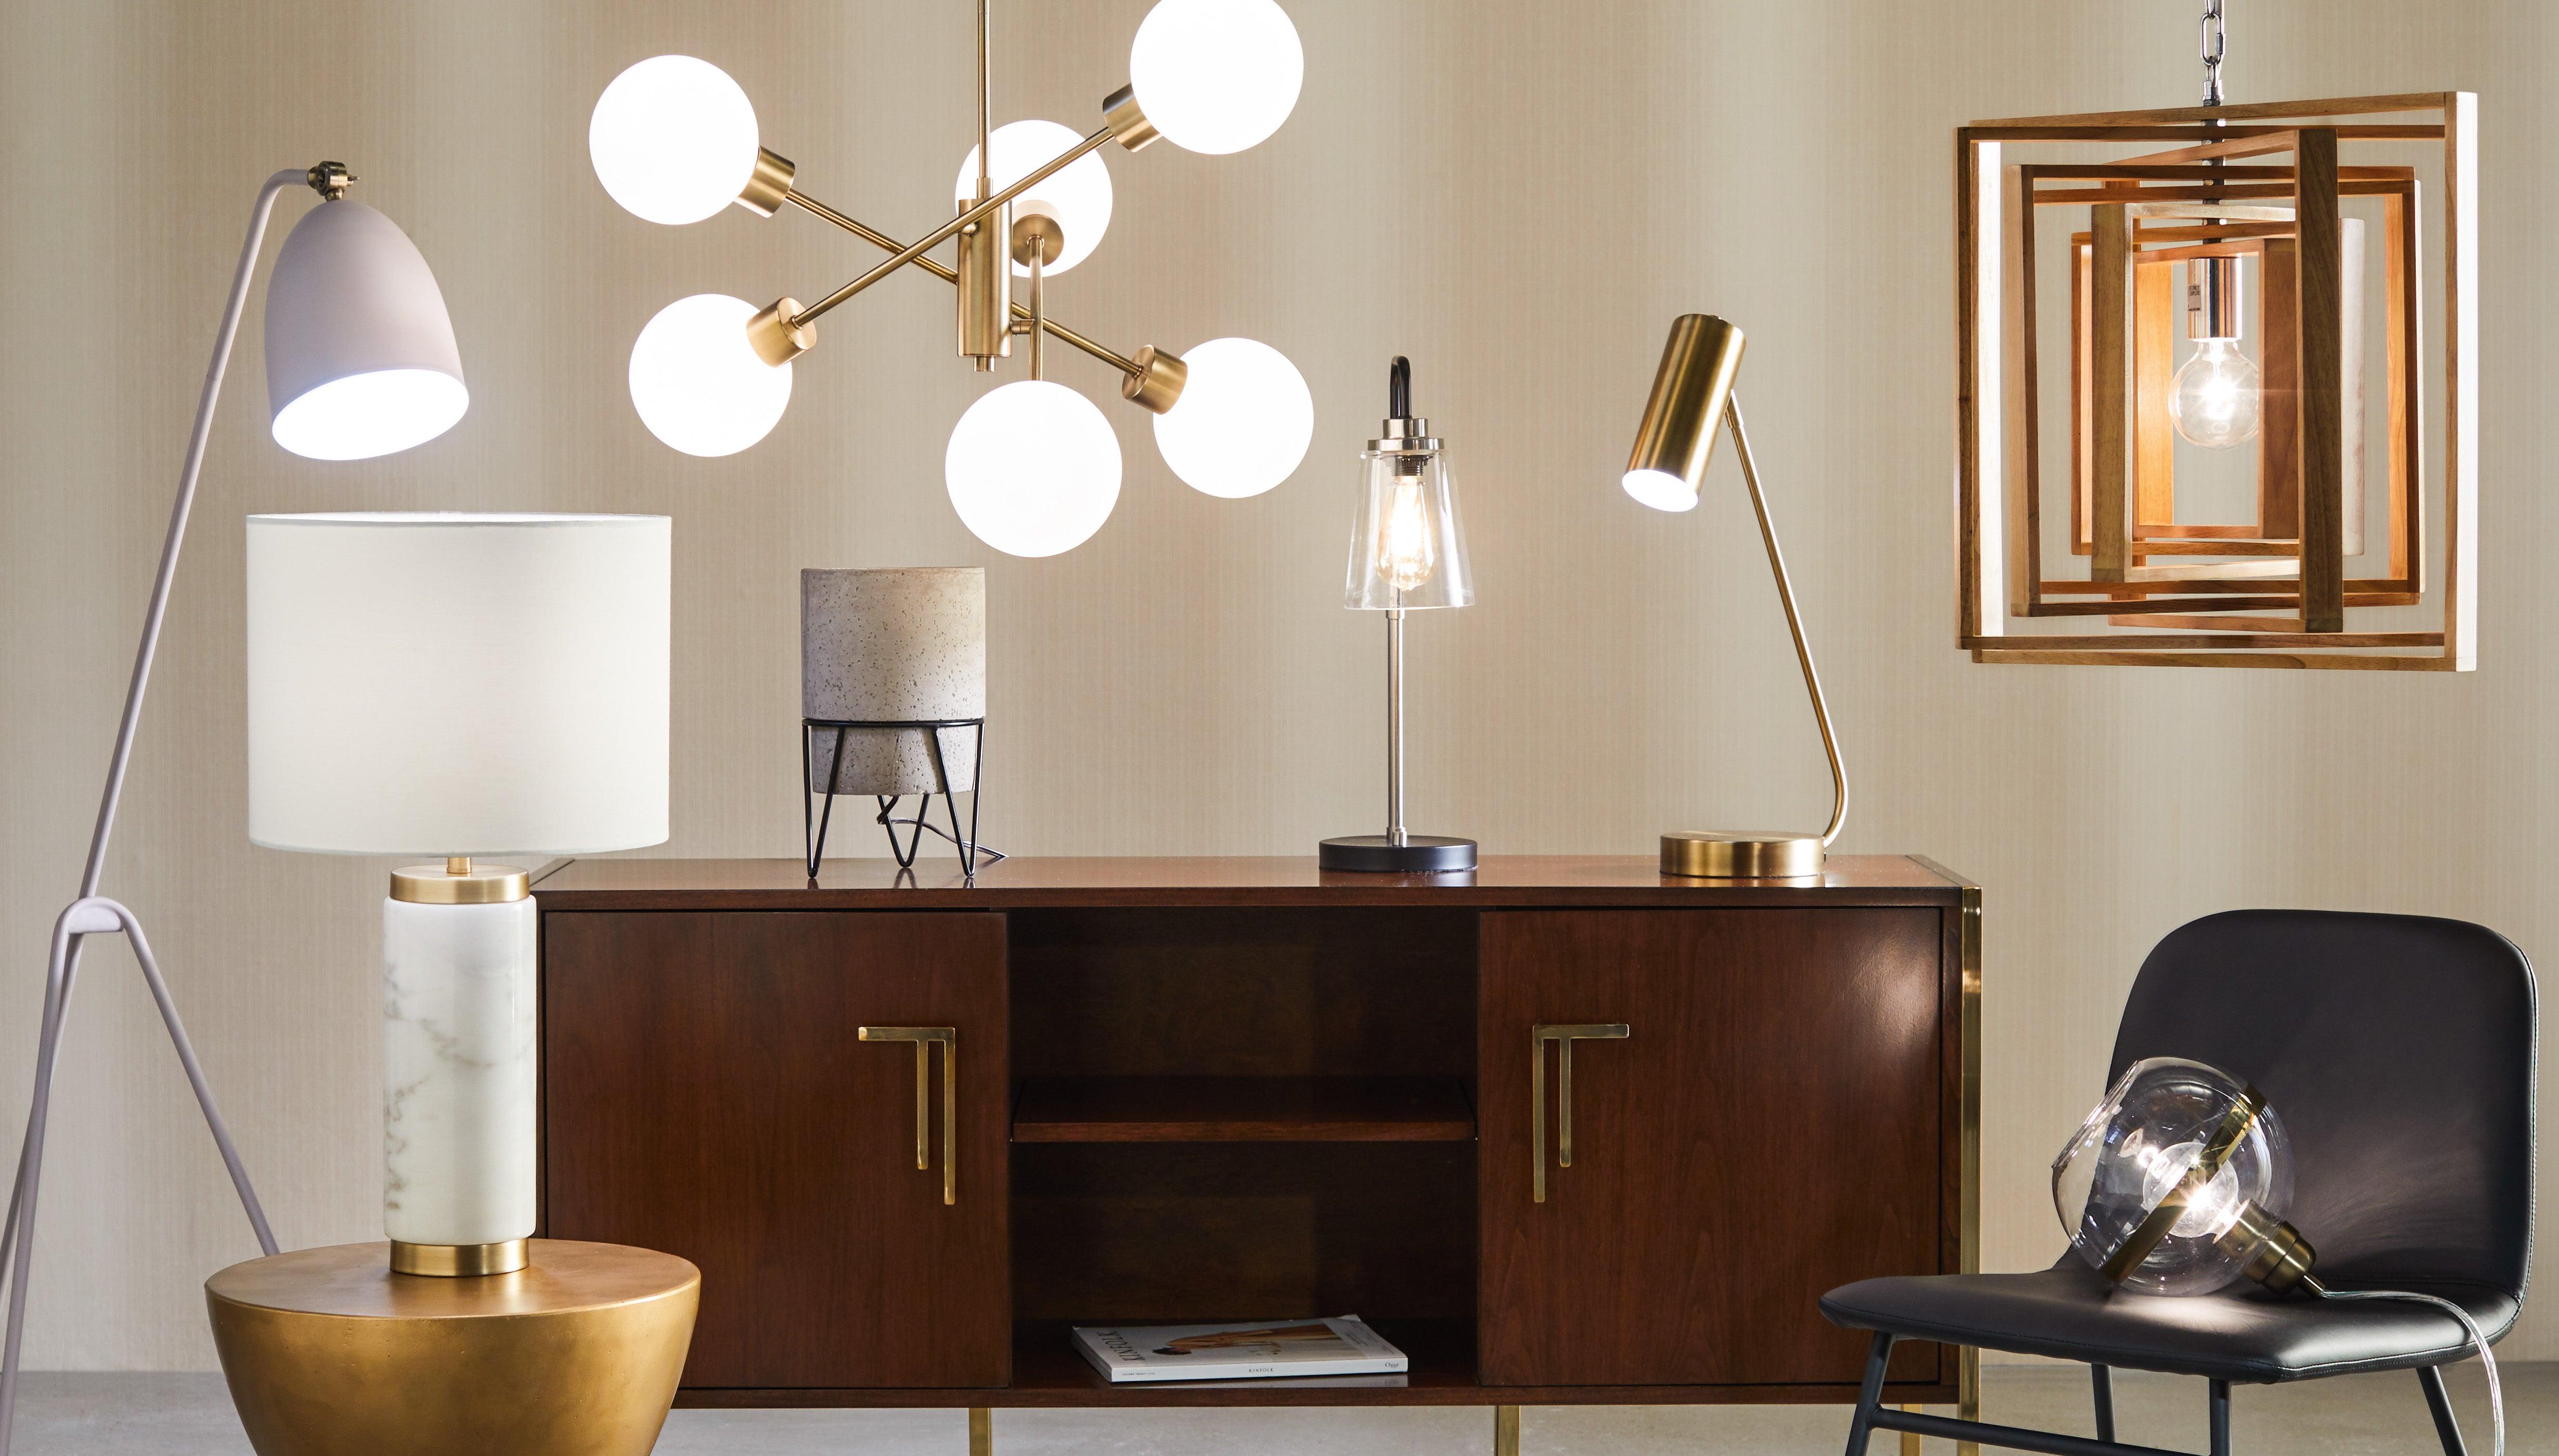 Lighting Gallery MAIN2_m